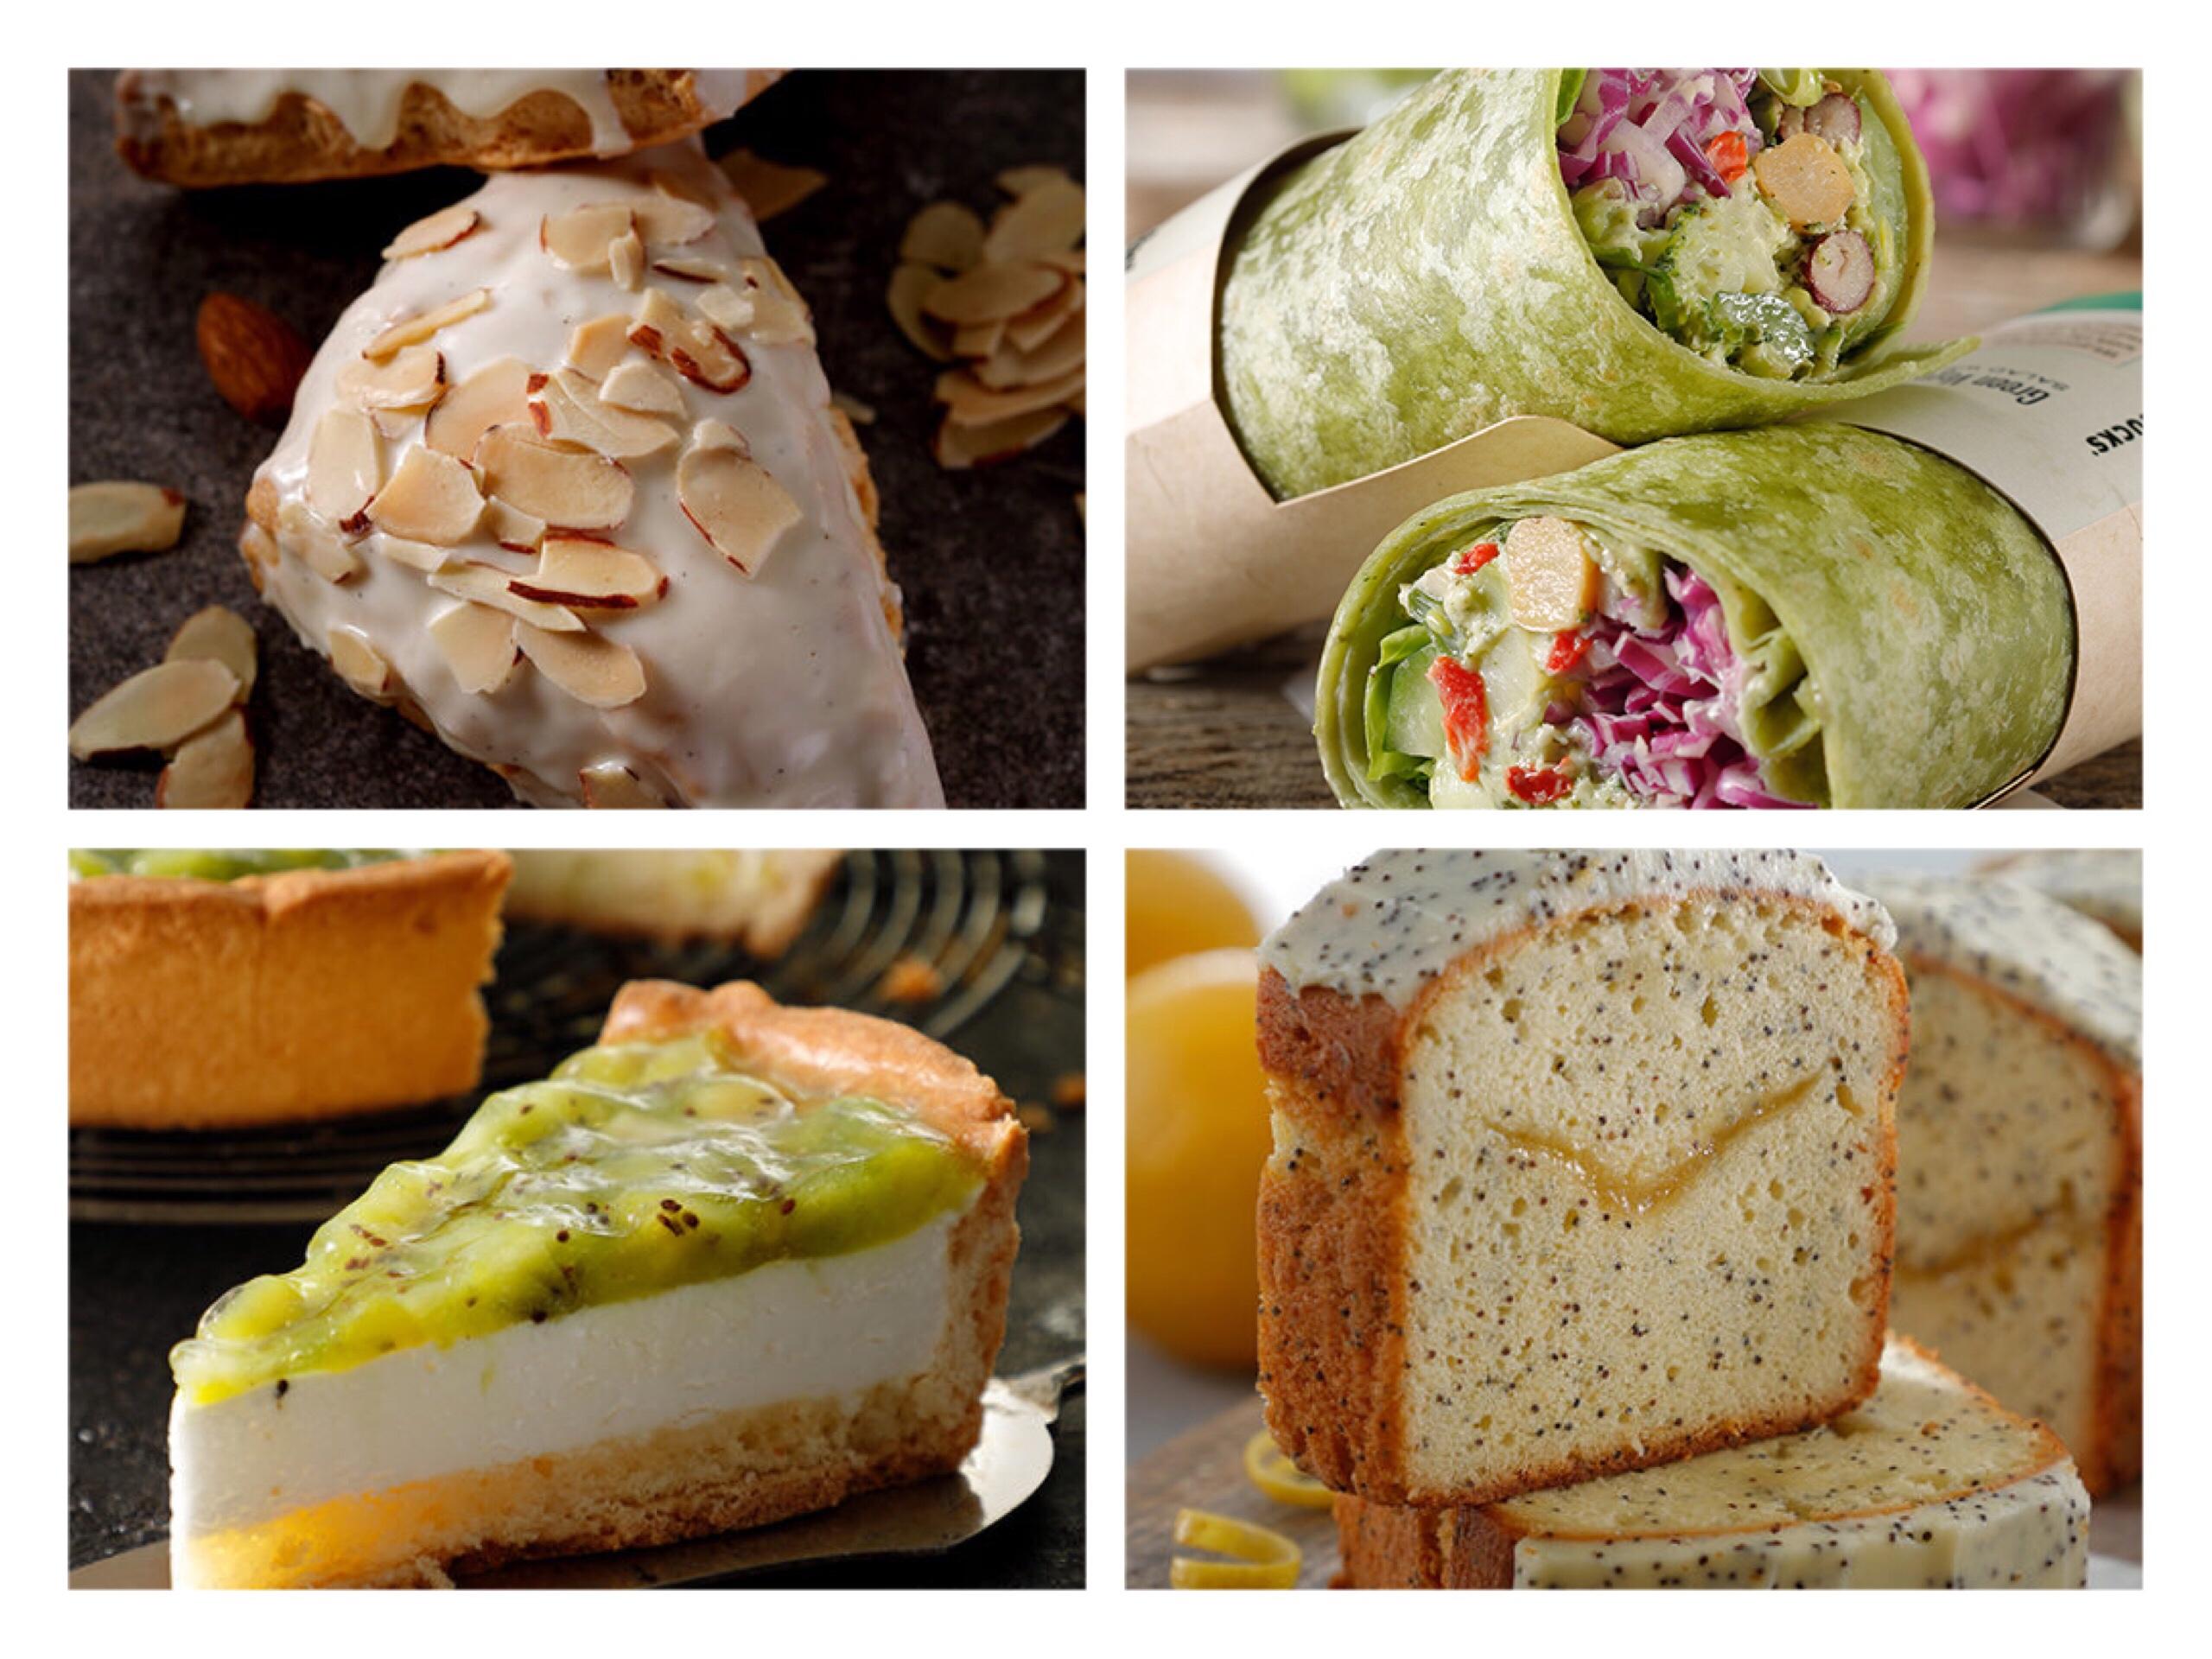 【スタバ2018新作】スコーンやタルト、ドーナツ、サラダラップなど!3/15〜発売のスタバのフードも美味しそう…!【フードまとめ】